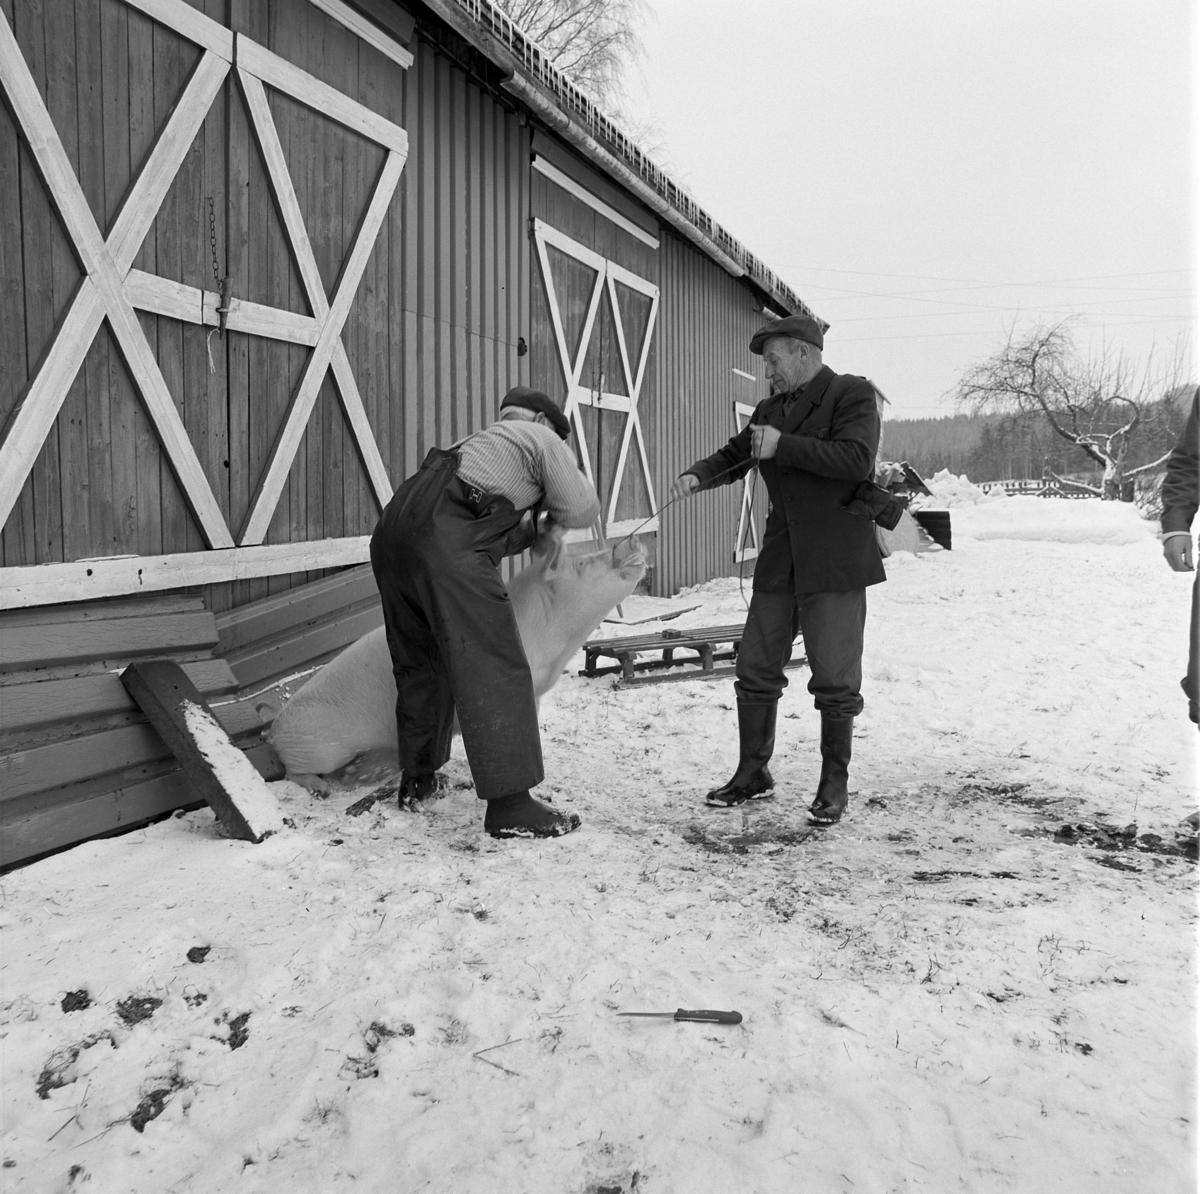 Dokumentasjon av griseslakting i 1977, på Lunde i Gaupen, Ringsaker. Bygdeslakter. Slakteren slår på slaktemaska som ligger mot panna til grisen, med slaghammer.  Bygdeslakter Johs. Rosenborg.